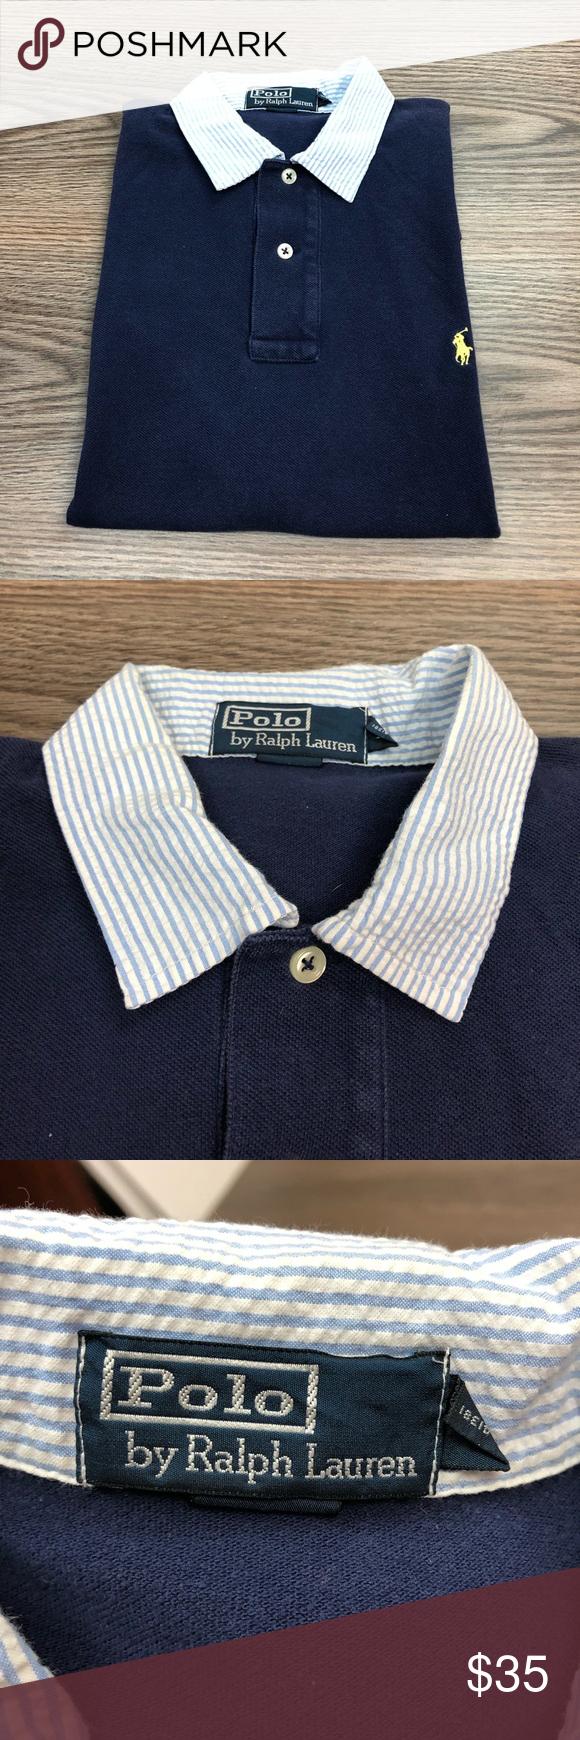 Polo Ralph Lauren Navy Seersucker Polo Shirt L Polo Ralph Lauren